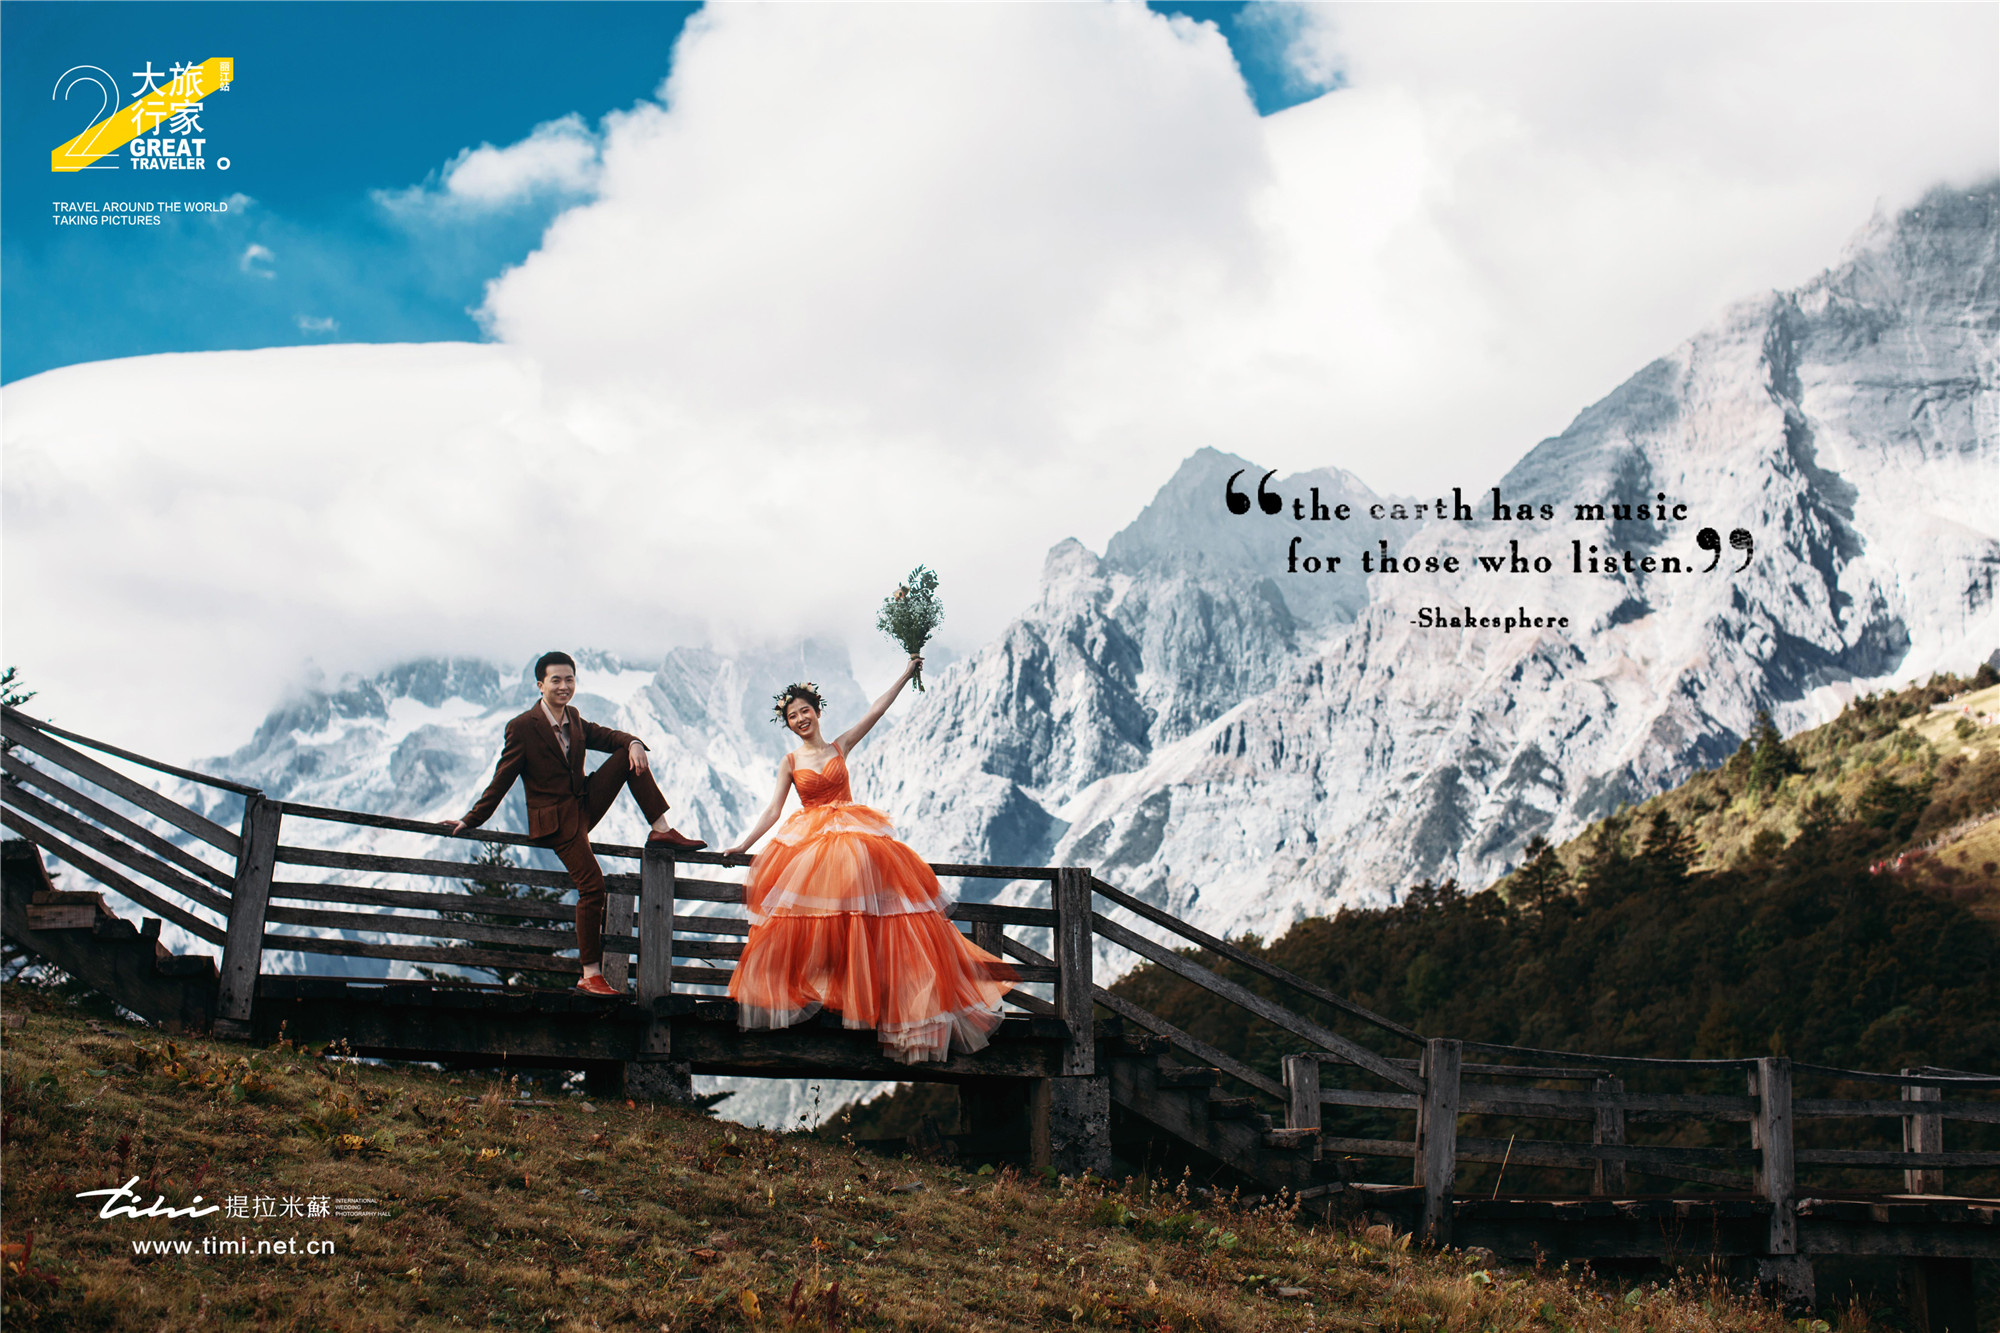 丽江拍婚纱照必选的景点